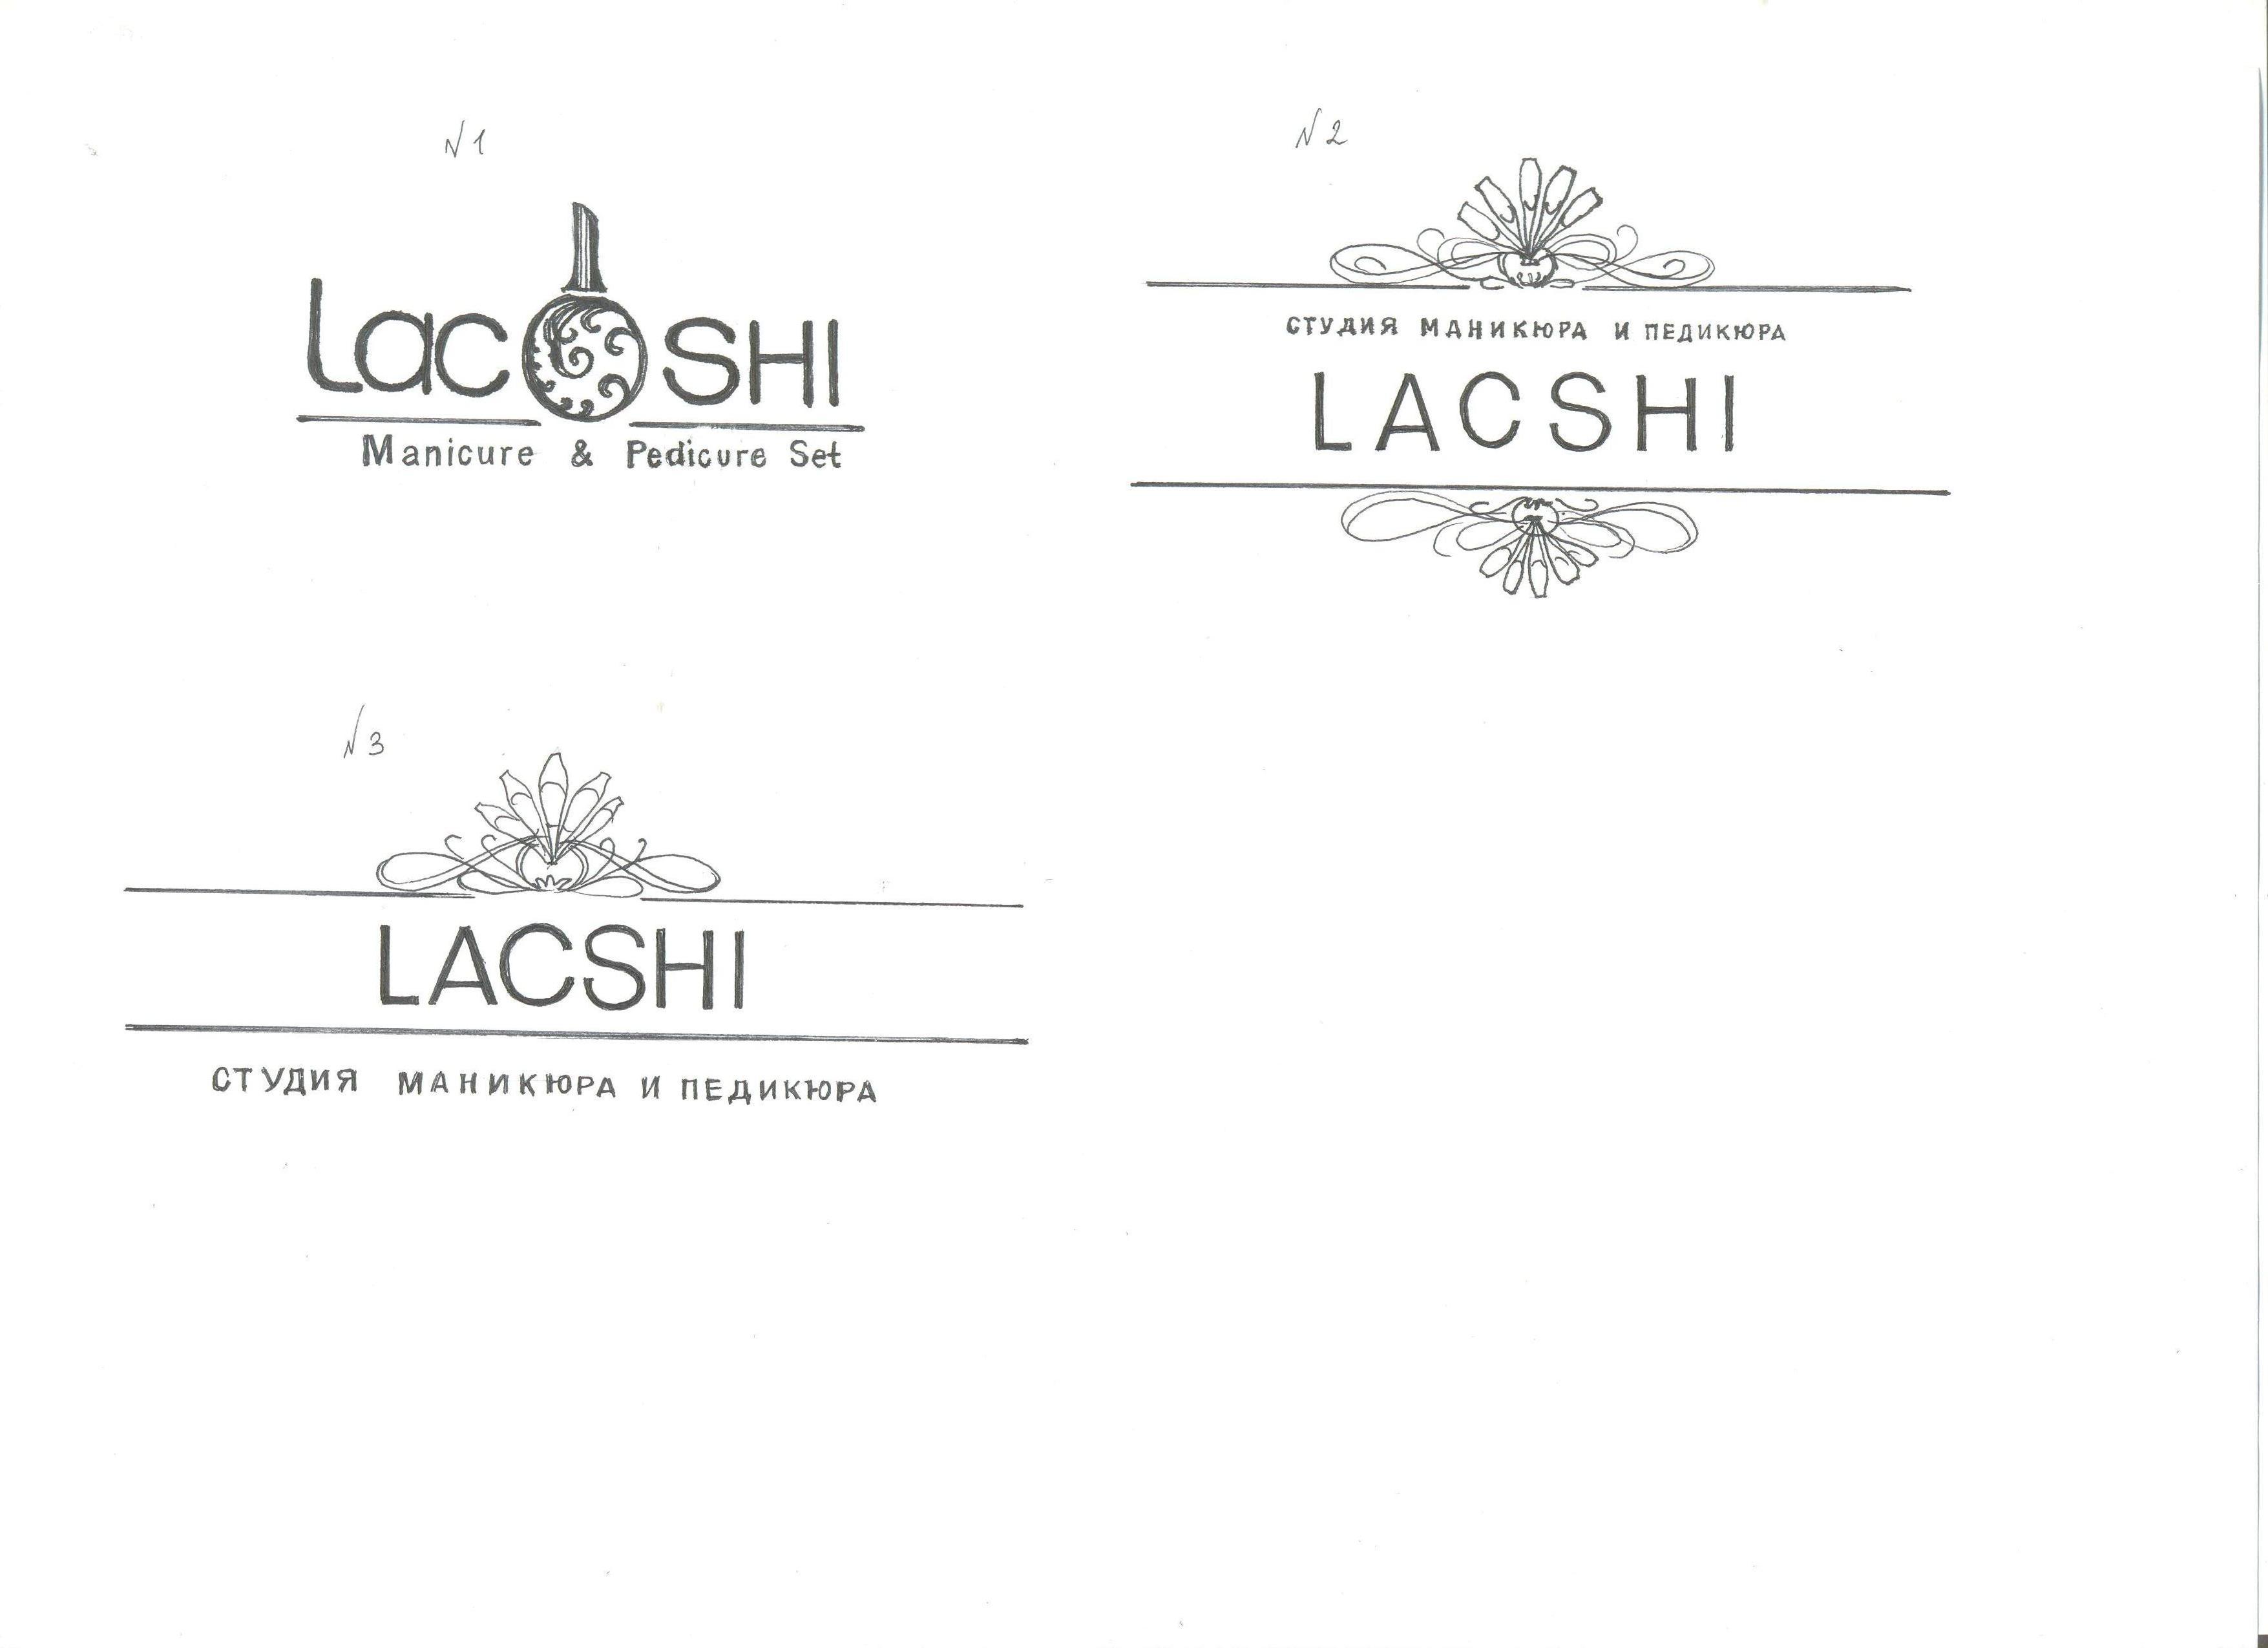 Разработка логотипа фирменного стиля фото f_8115c5c3a1f7b7c0.jpg